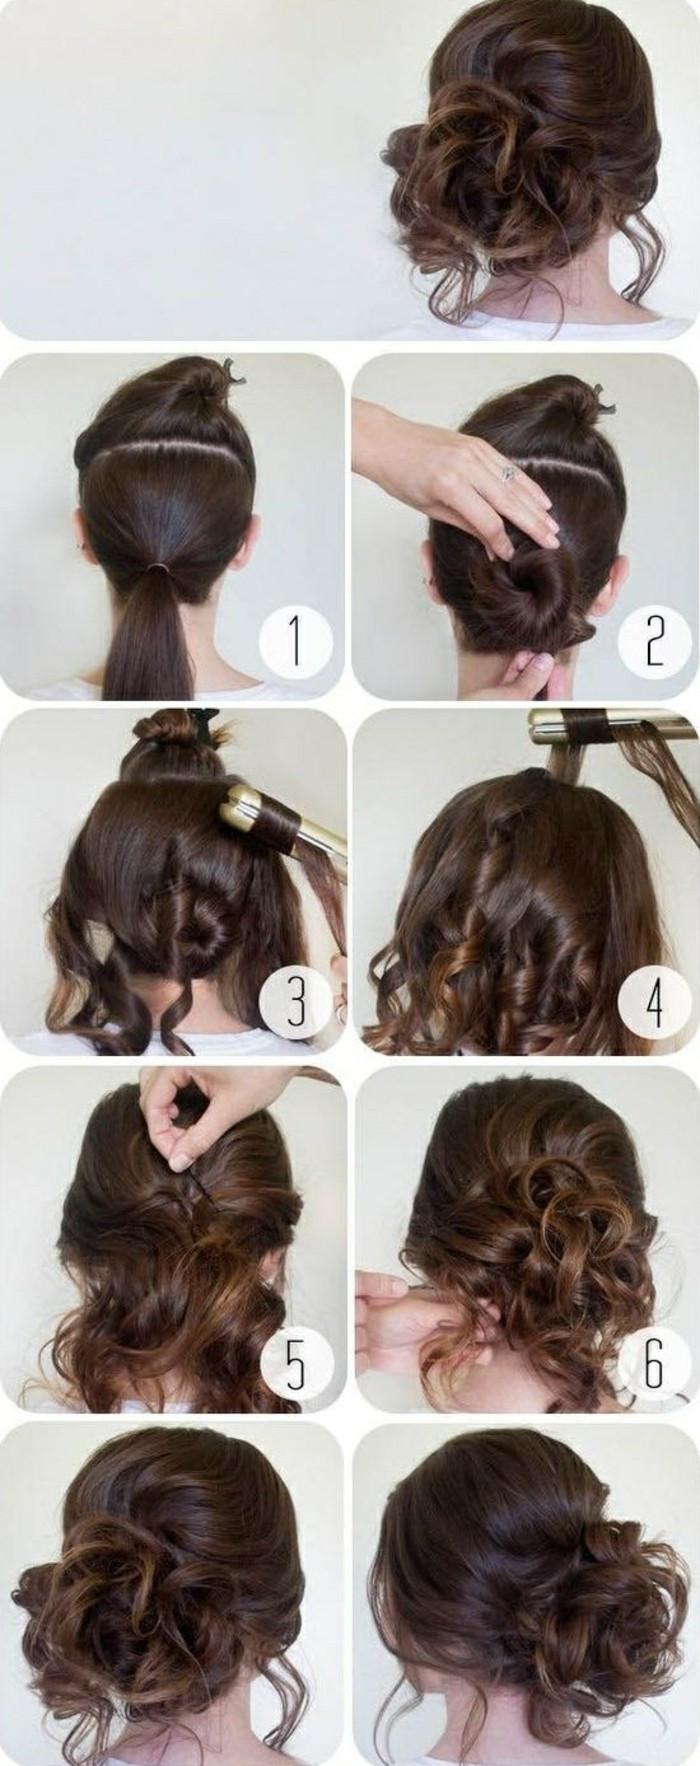 Festliche Frisuren Lange Haare Selber Machen  1001 Ideen wie Sie effektvolle Hochsteckfrisuren selber